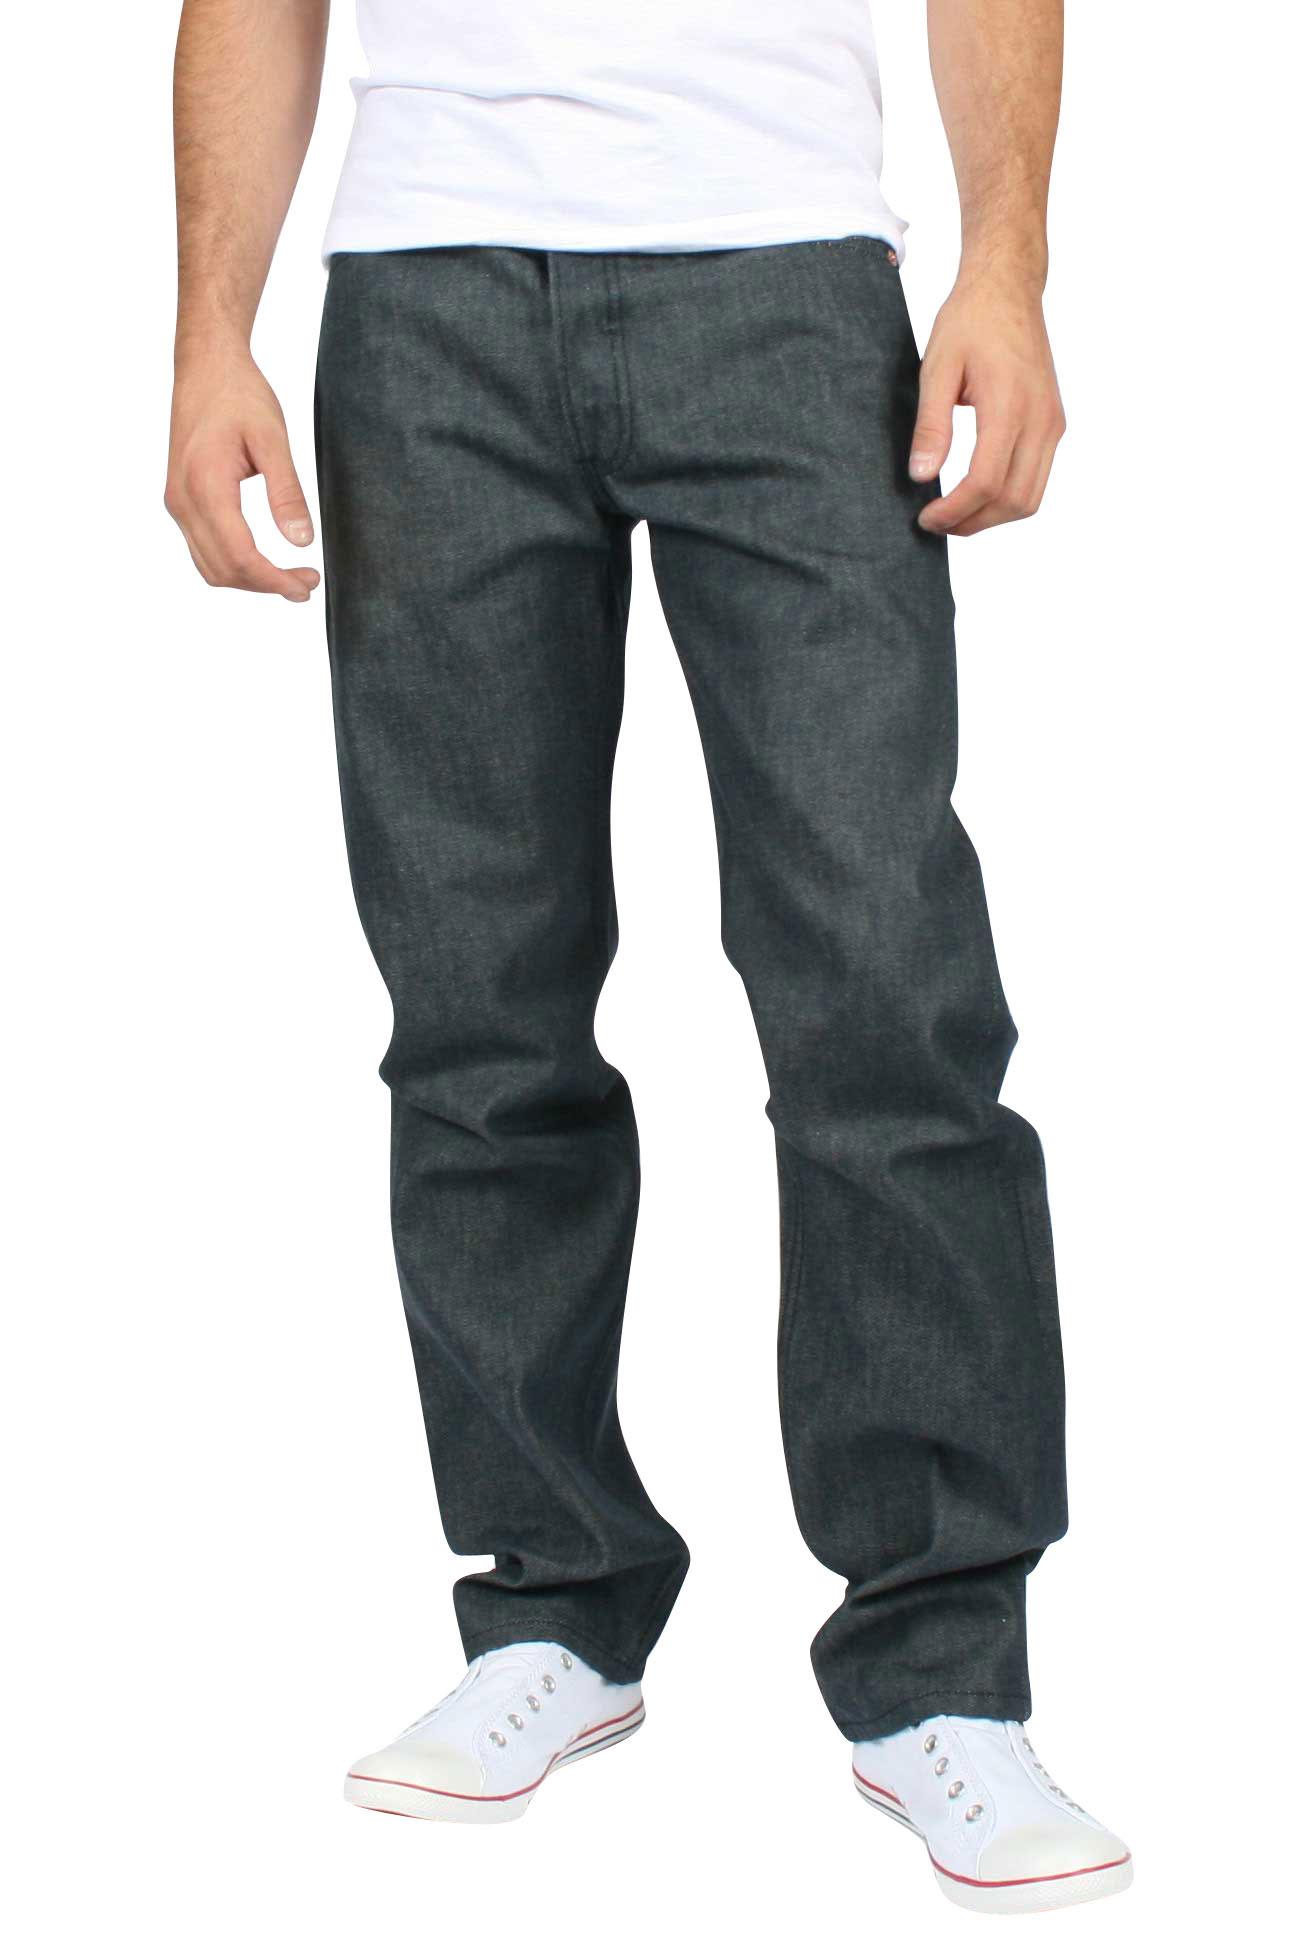 Levis 501 Jeans Womens